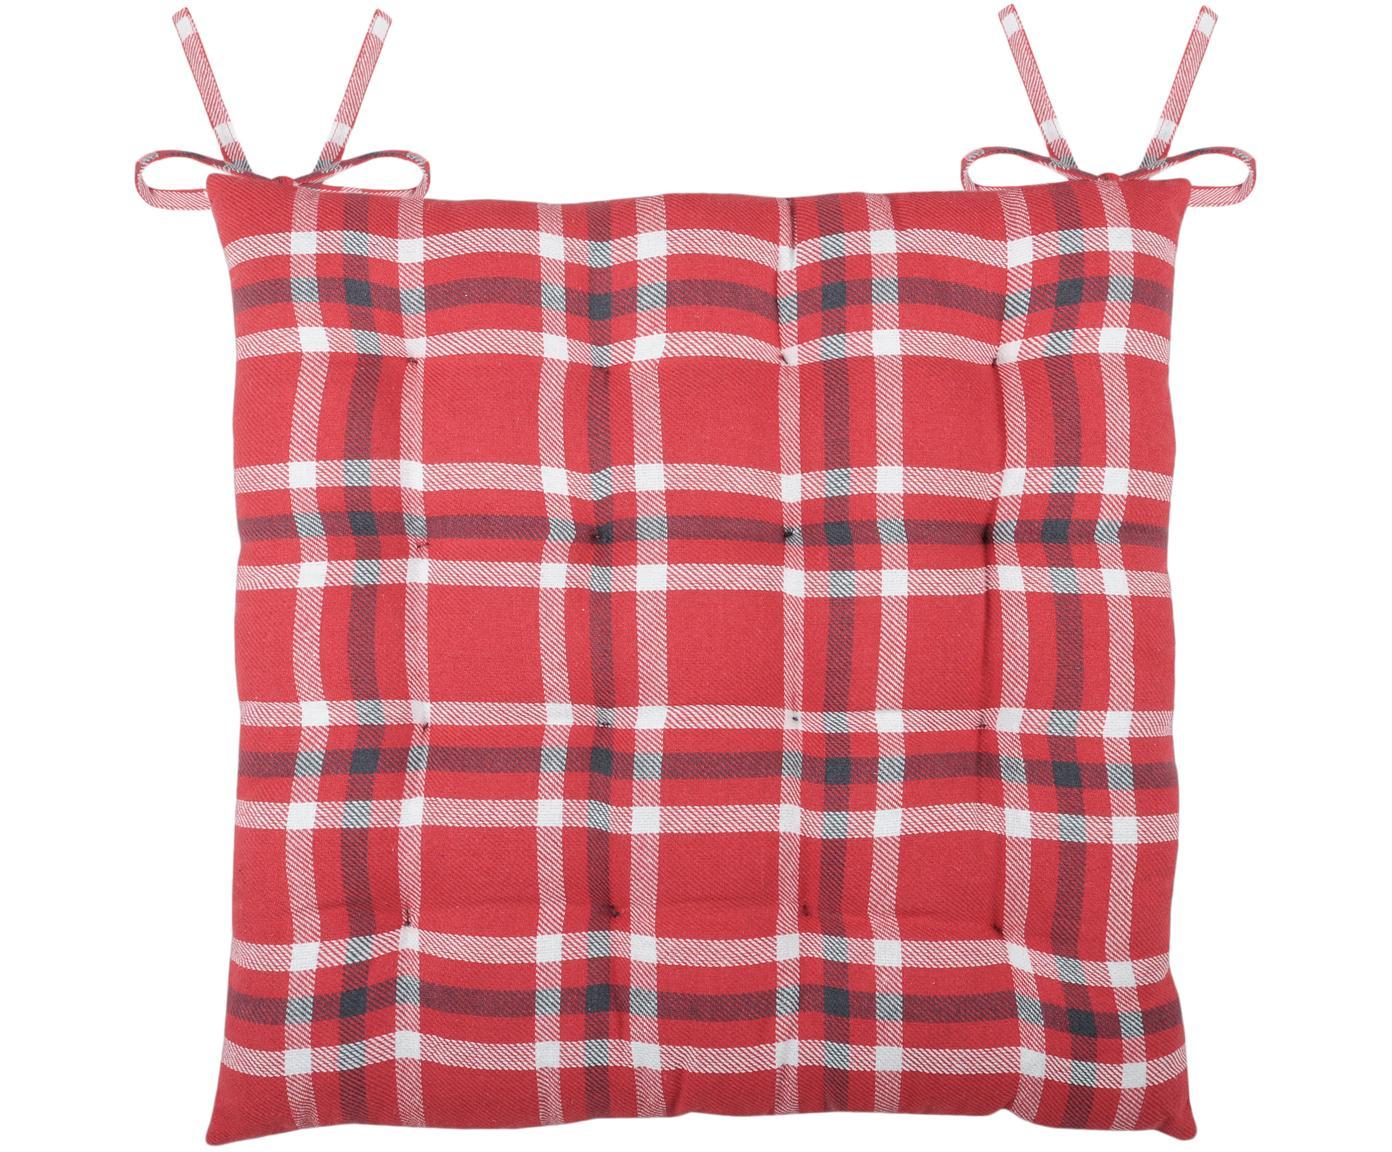 Sitzkissen Teddybear, Rot, Schwarz, Weiss, 40 x 40 cm